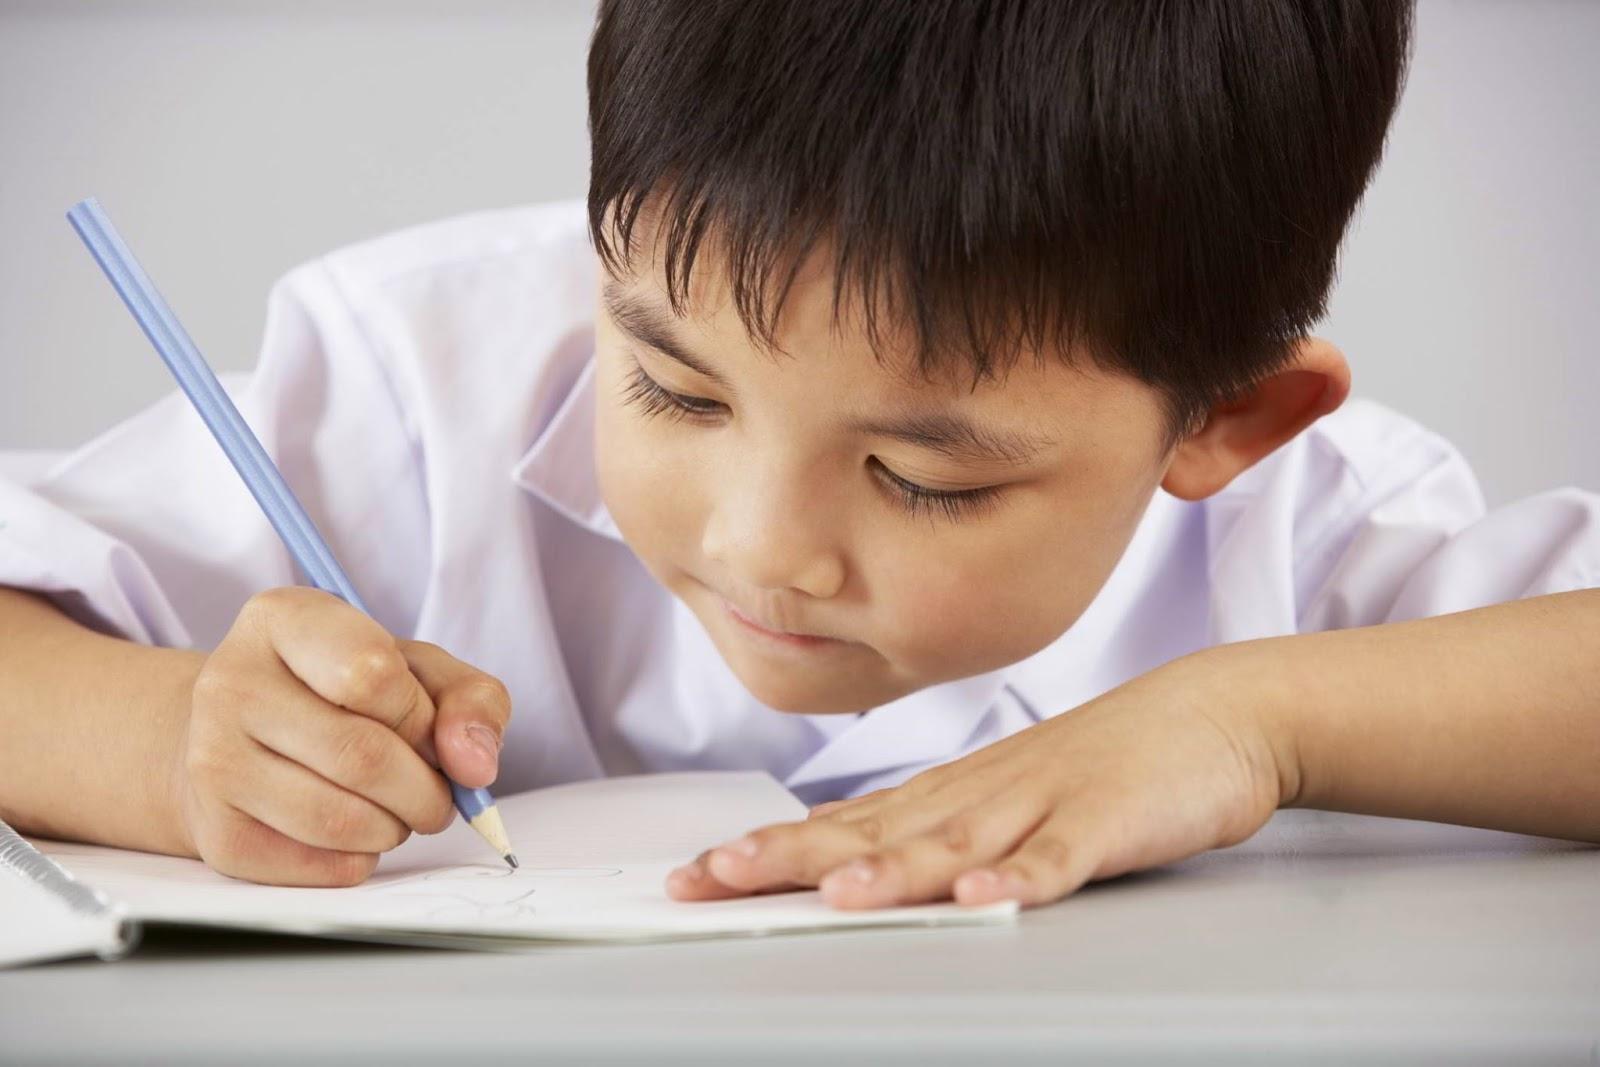 बच्चो में सोचना एवं अधिगम , बच्चे कैसे सोचते है?, बच्चे कैसे सीखते है?, सीखने के नियम, बालक विद्यालय प्रदर्शन मेें सफलता प्राप्त करनेे मेें कैैसेे औैर क्योें 'असफल' होेतेे हैैं।, CTET Exam 2015 Notes Hindi,  बाल विकास एवं शिक्षाशास्त्र, CDP Hindi Notes, सी टी ई टी नोट्स